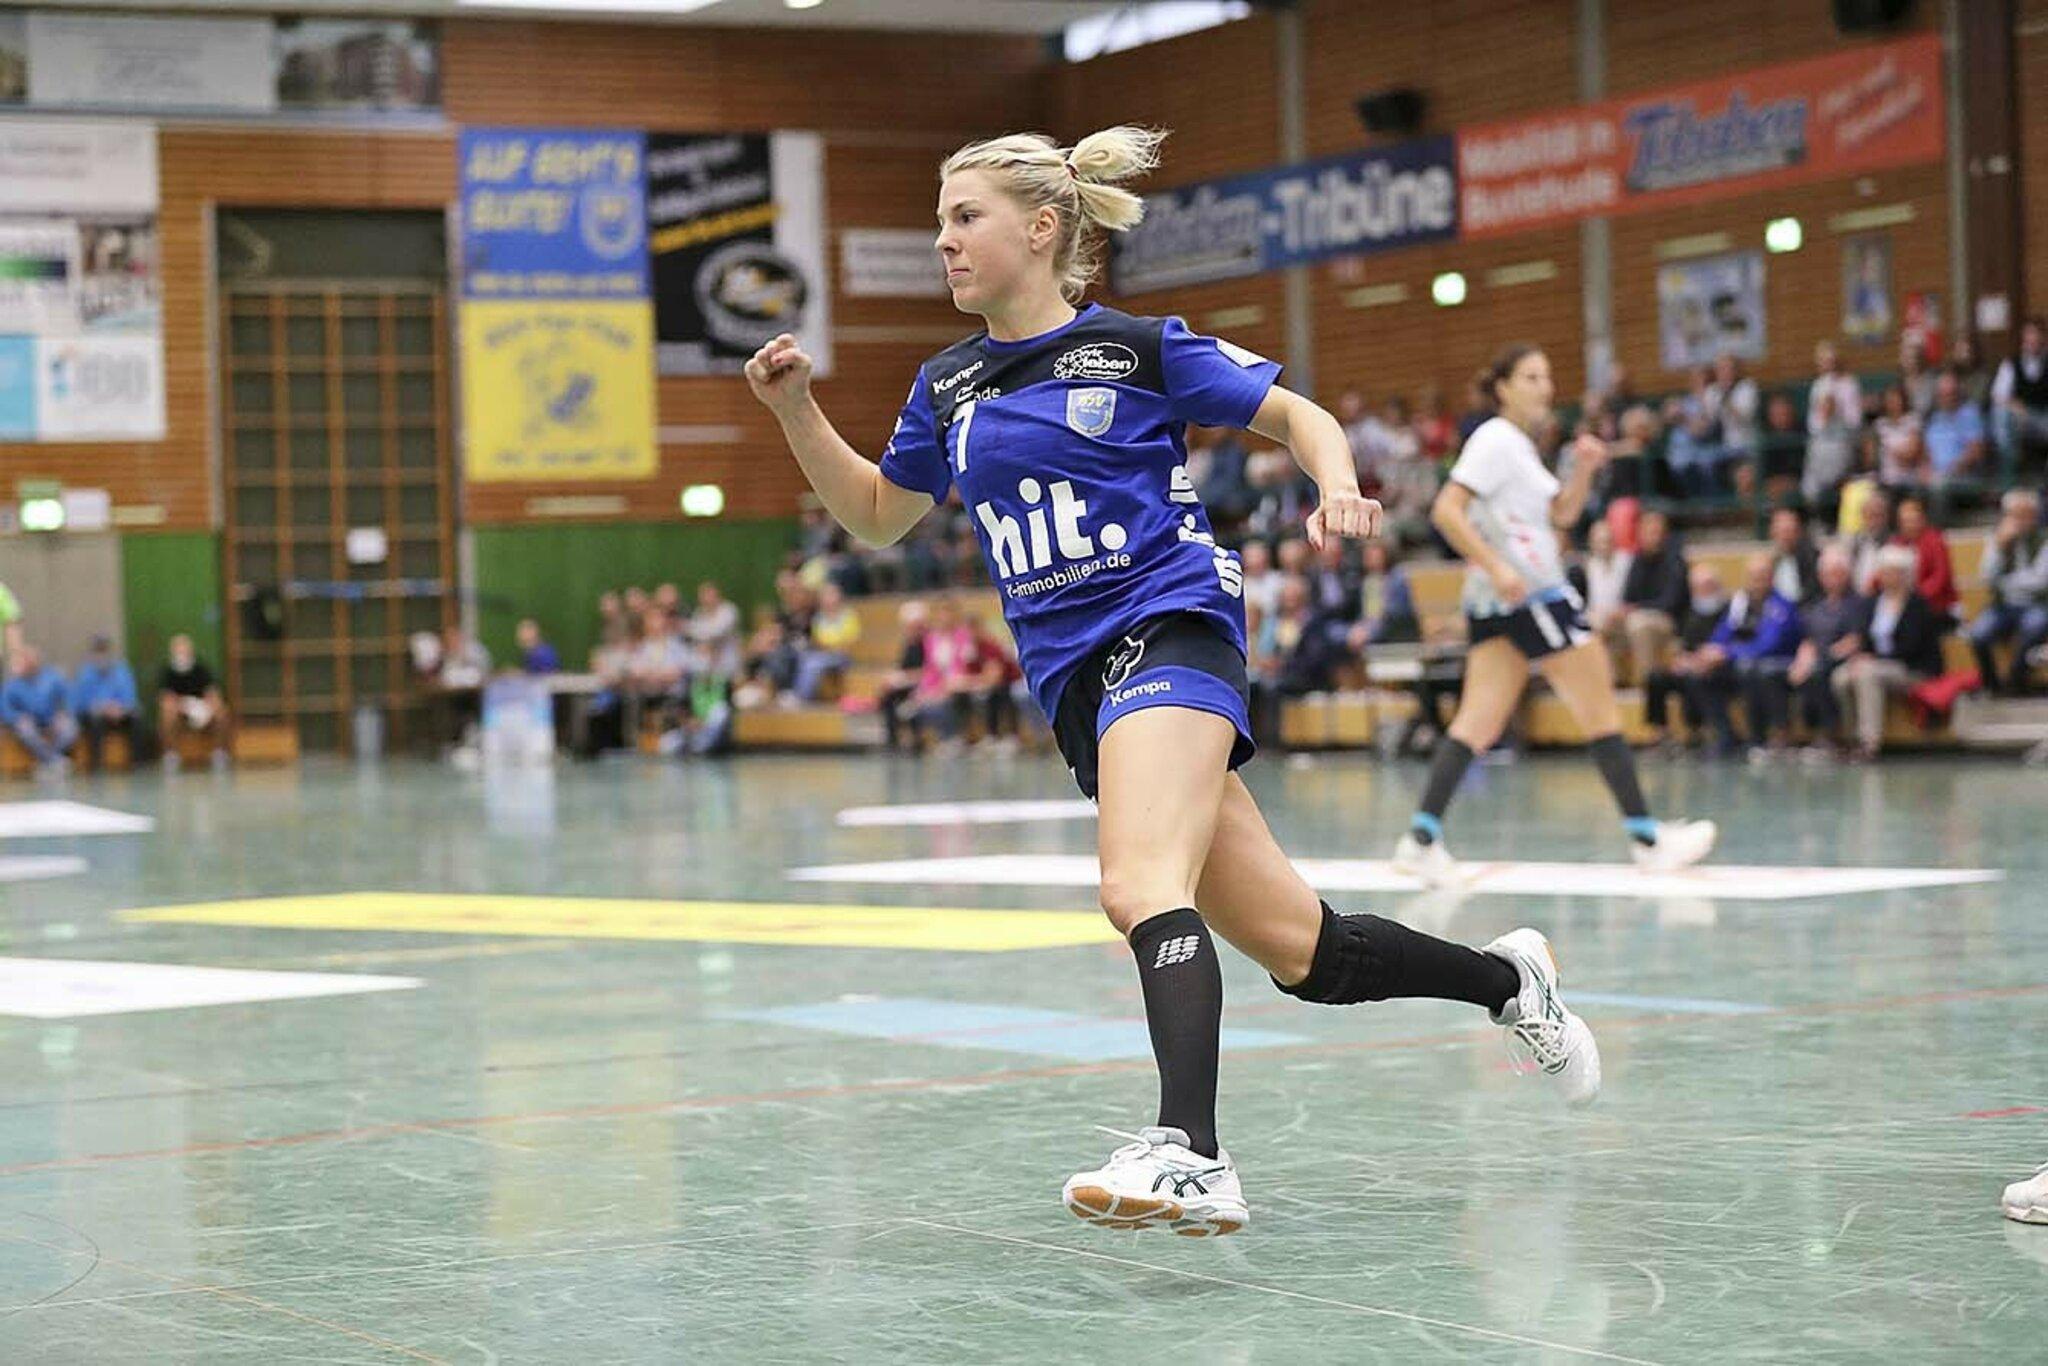 Die Linskaußen absolvierte ihr 292. Spiel für den BSV                                                                  Lone Fischer: Die Buxtehuder Rekordspielerin